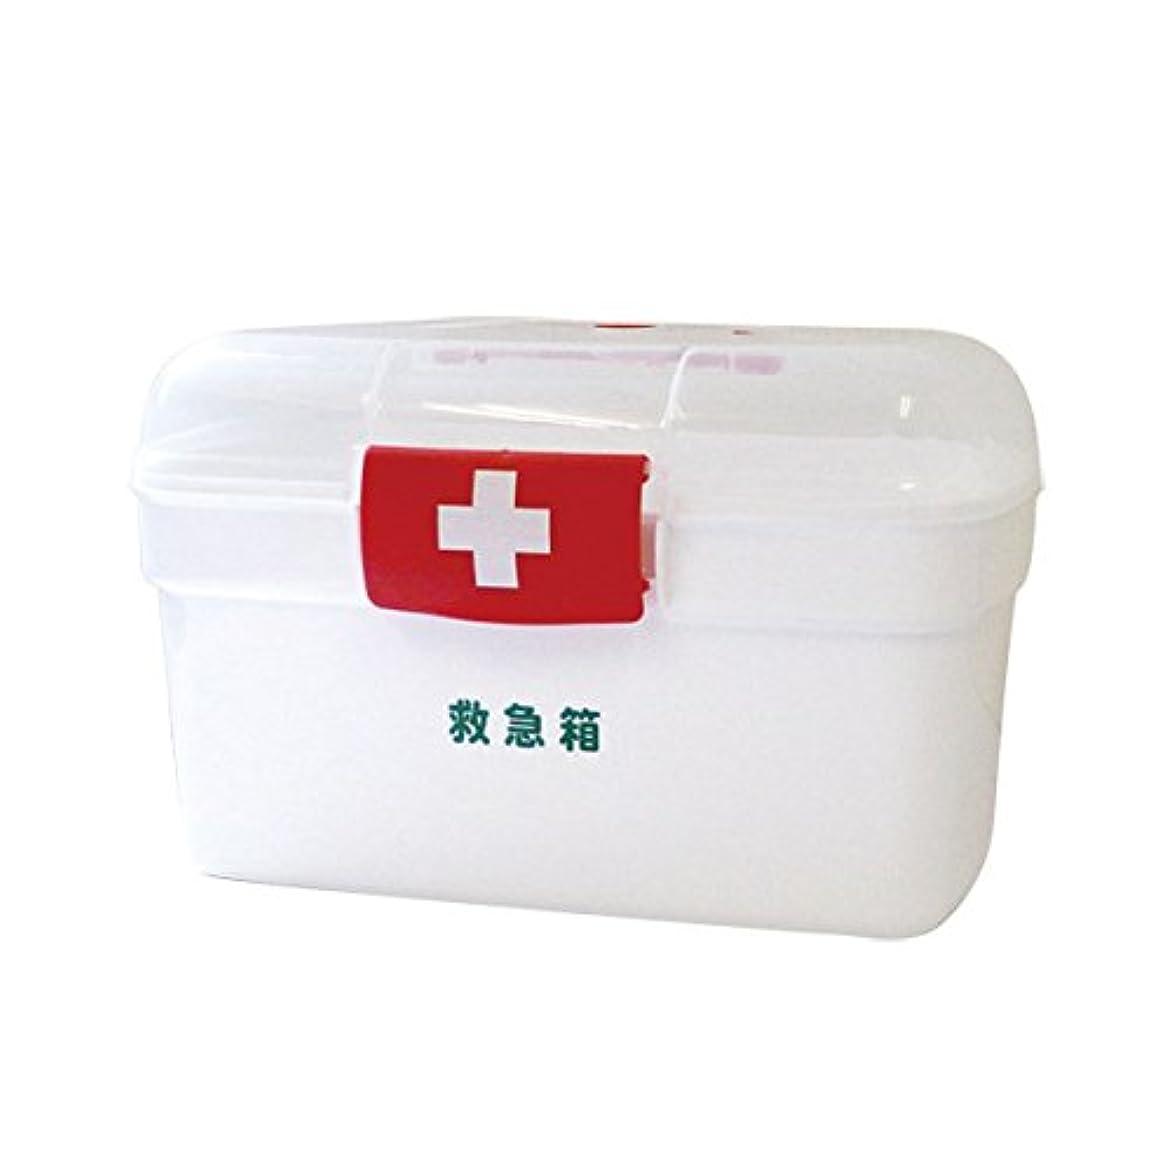 冷ややかな分数不格好リーダー ポリ救急箱セット Lサイズ 782499